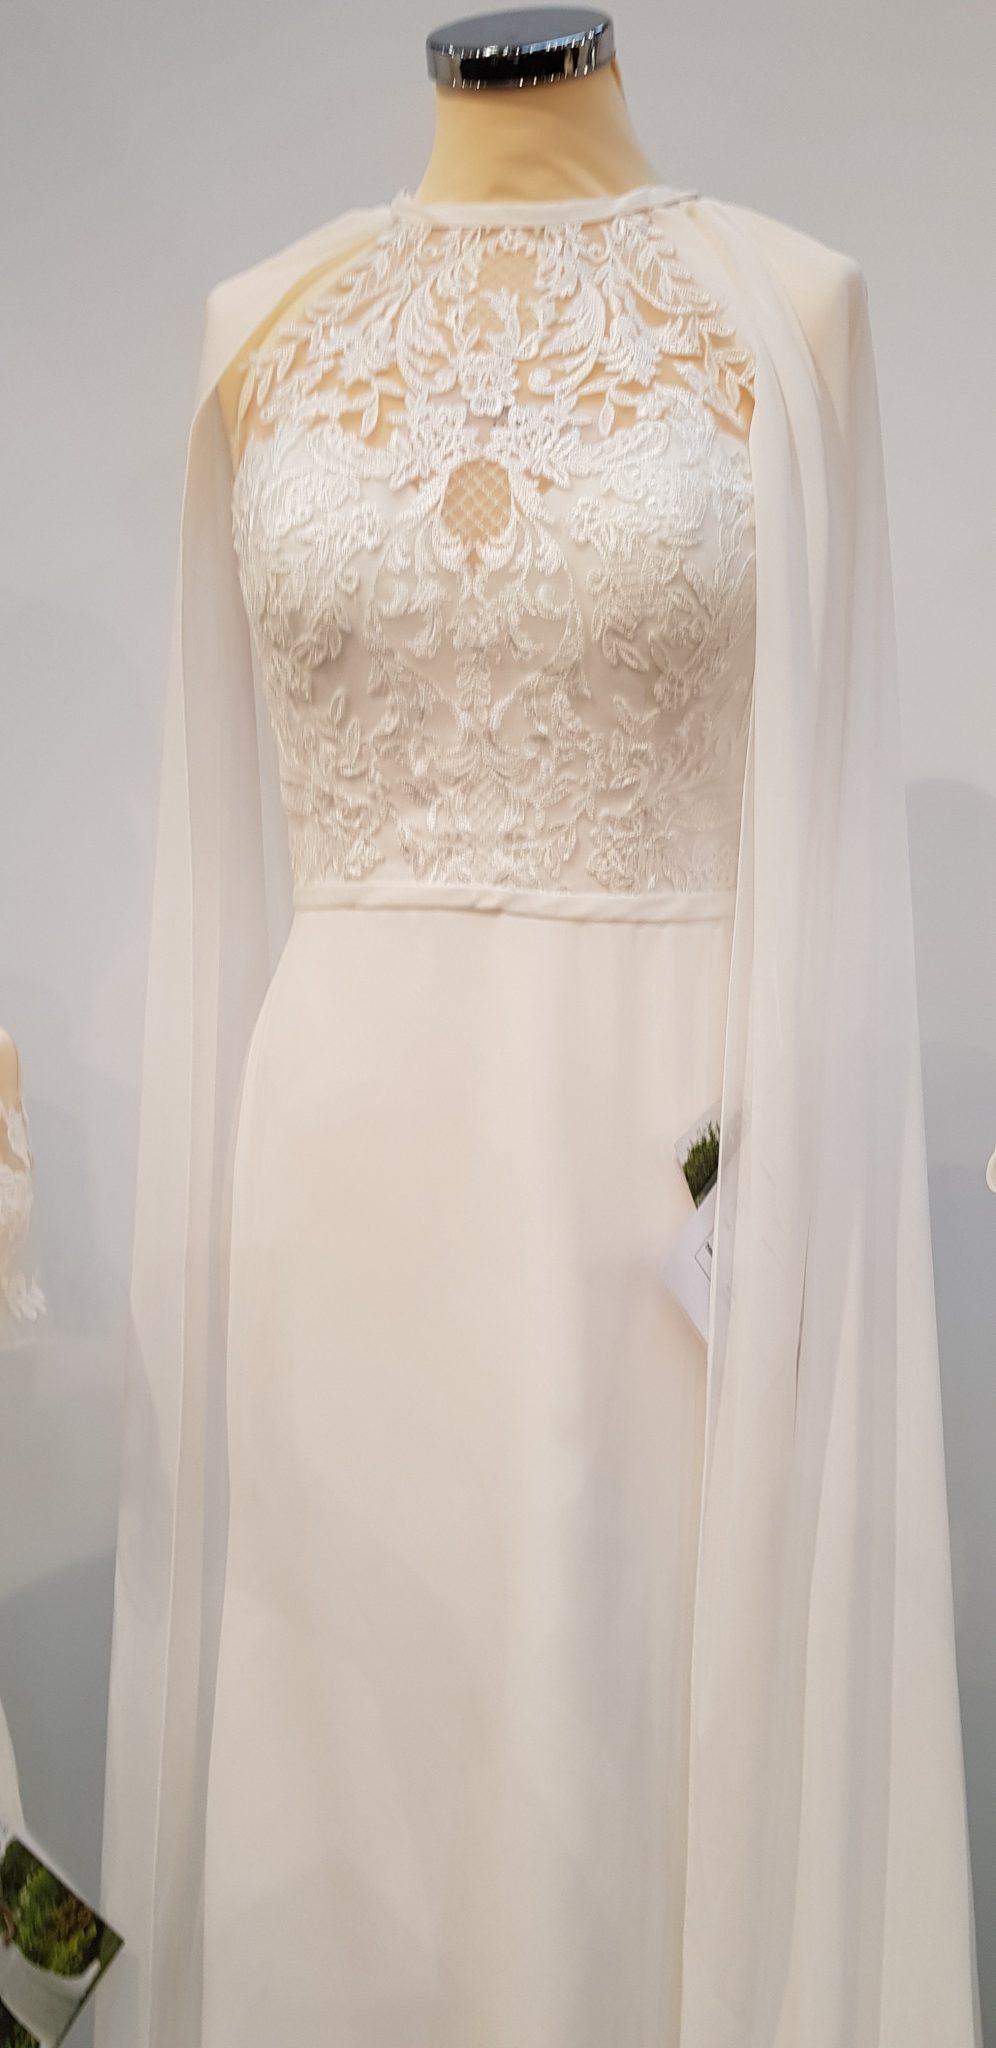 Sincerity Dress